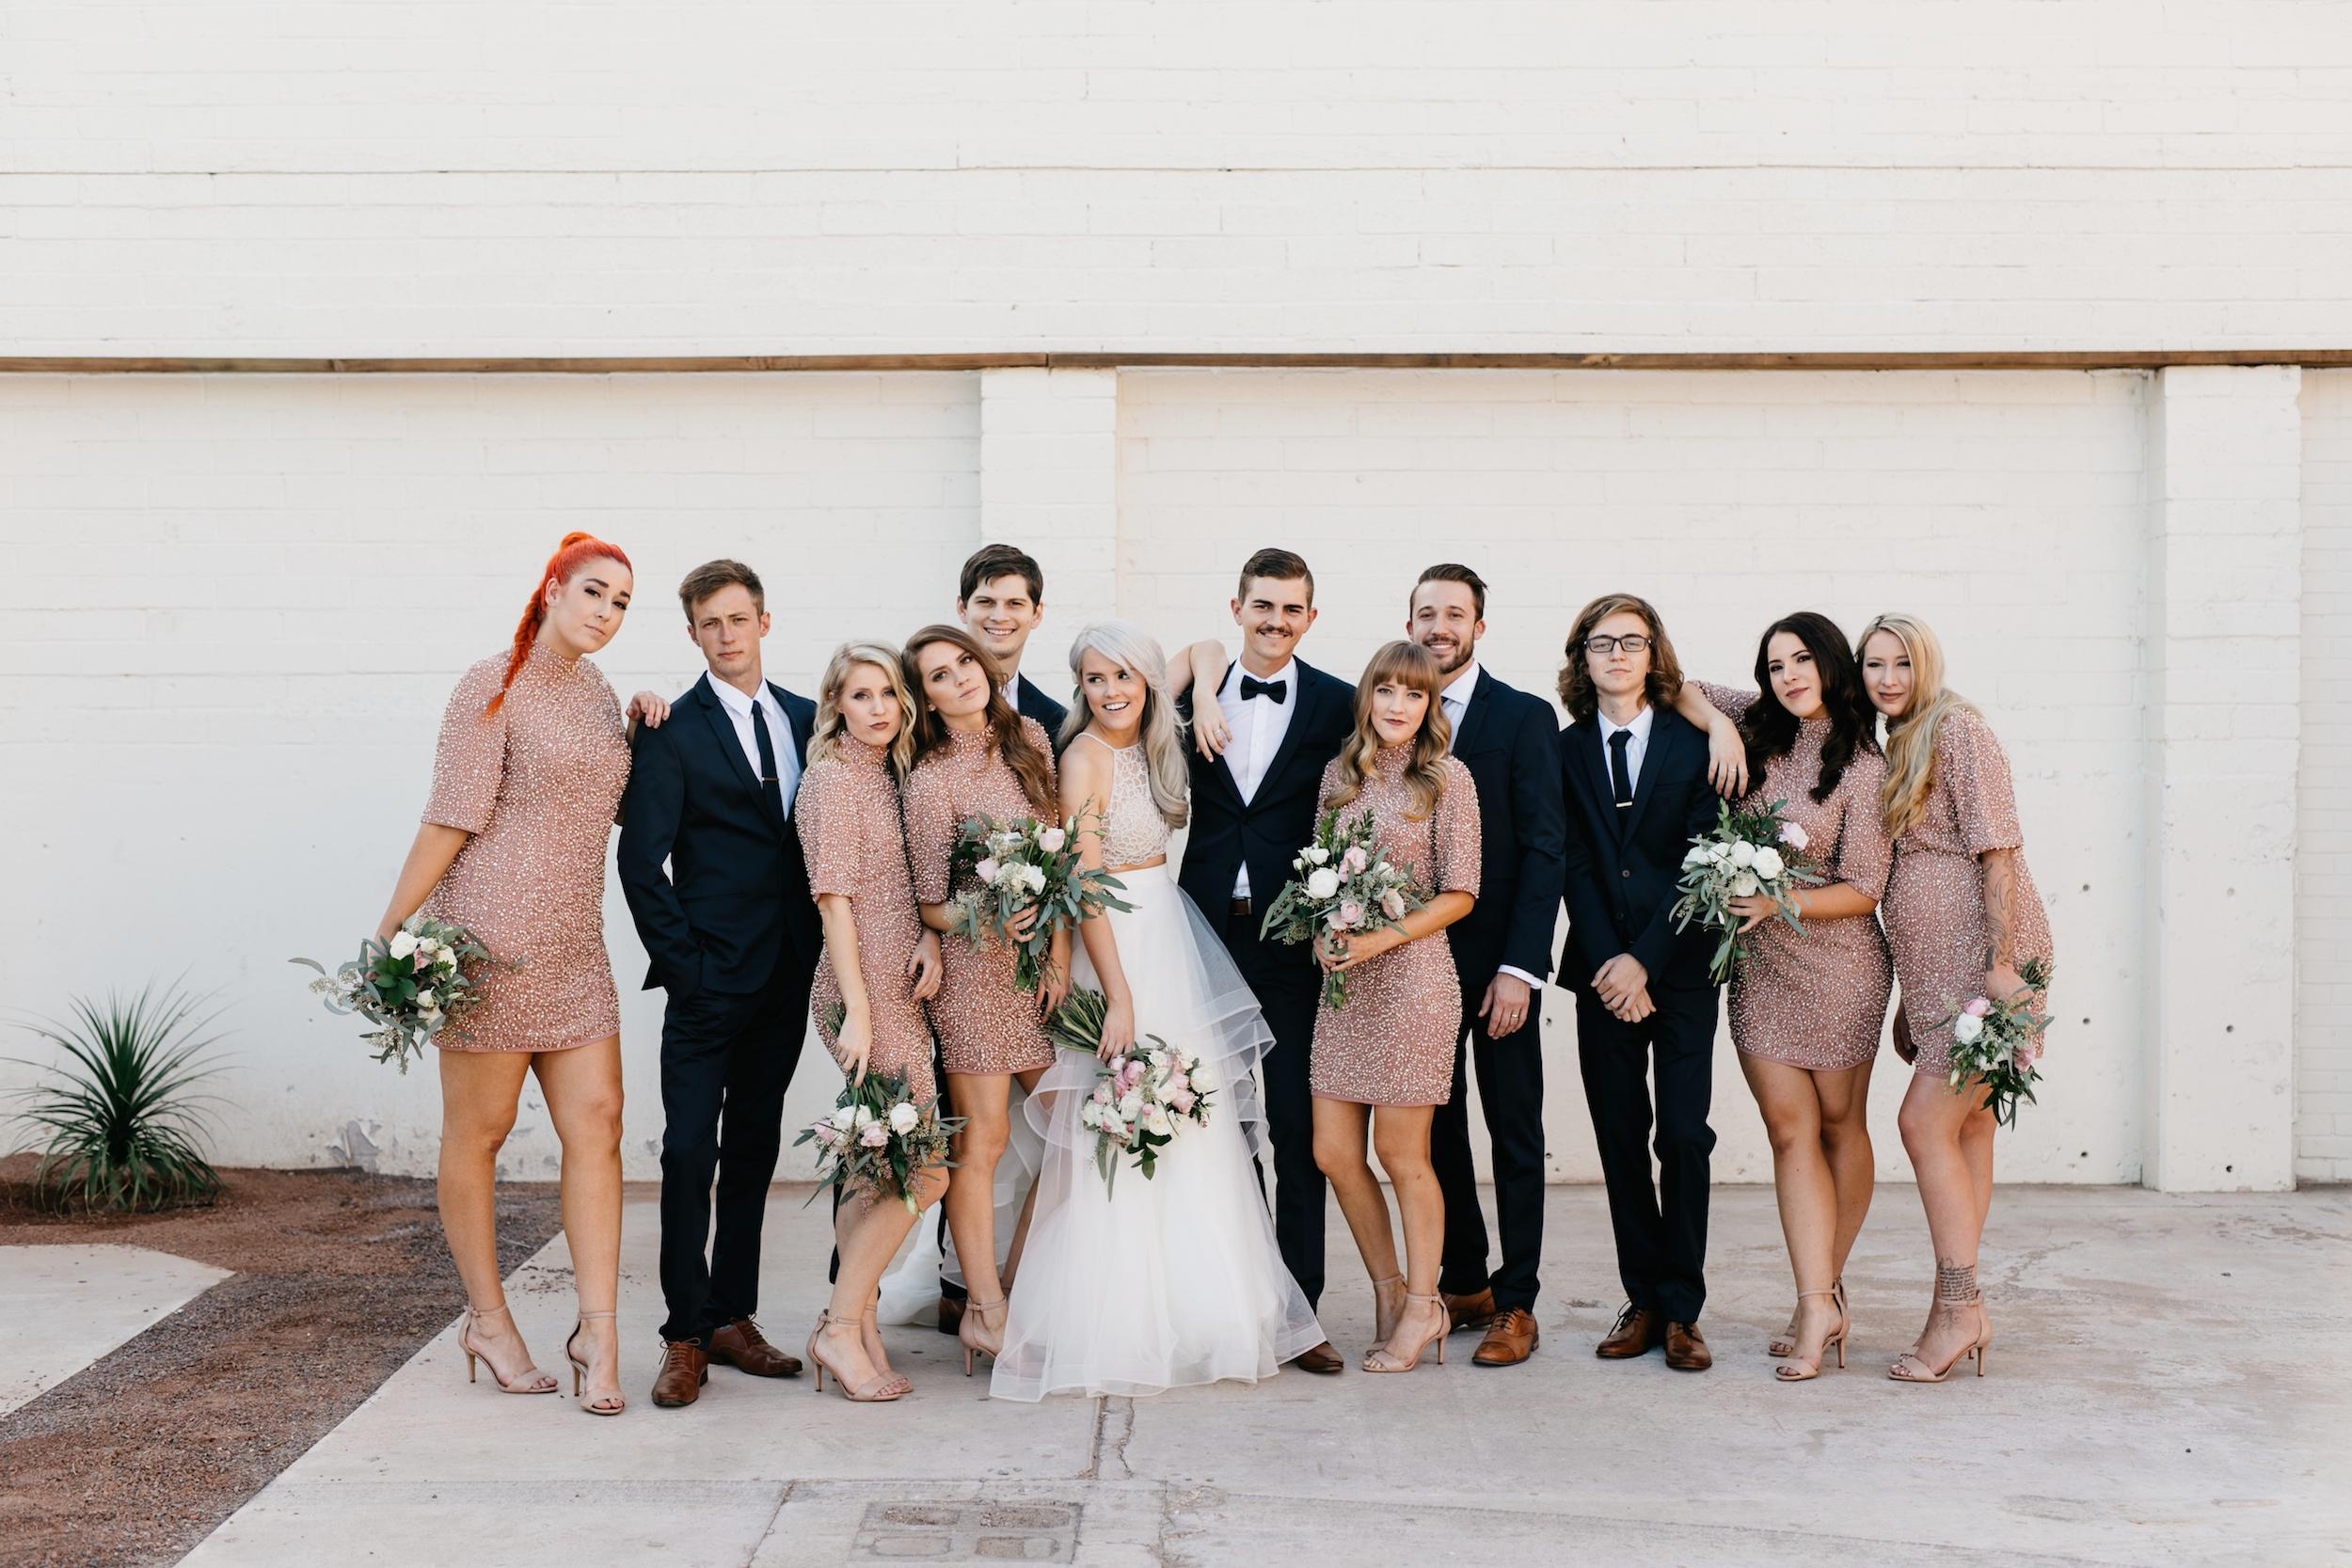 arizona - wedding - photography 01393.jpg